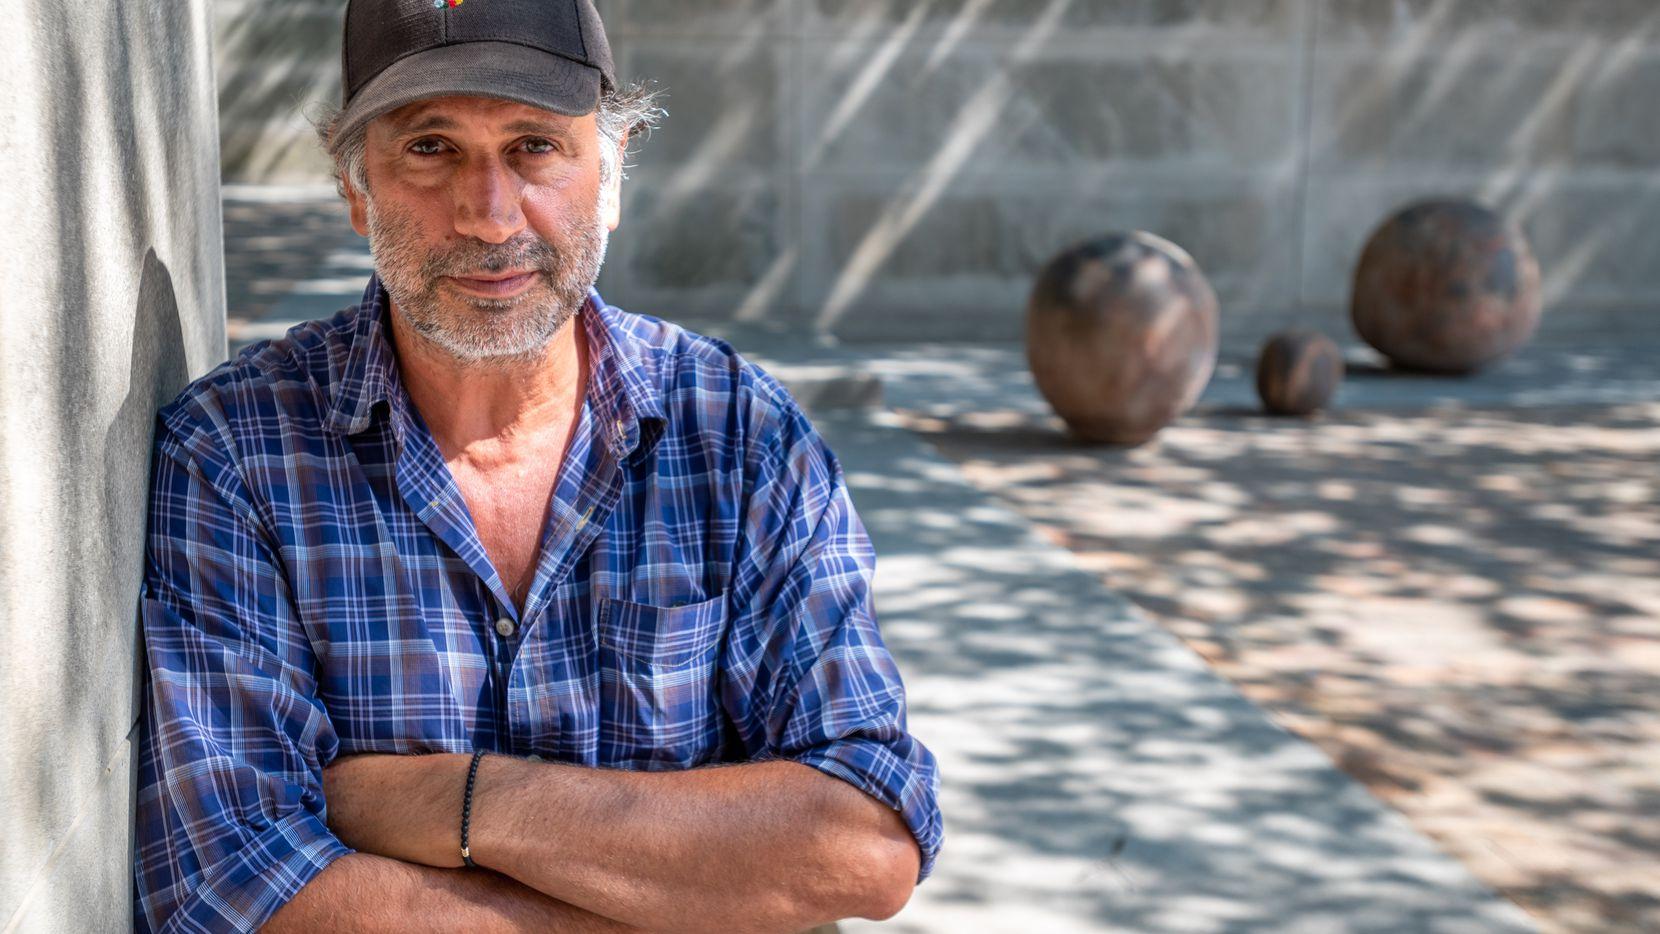 """El escultor mexicano, Bosco Sodi, reactivará el jardín escultórico del museo de arte de Dallas con su exposición """"La fuerza del destino""""."""